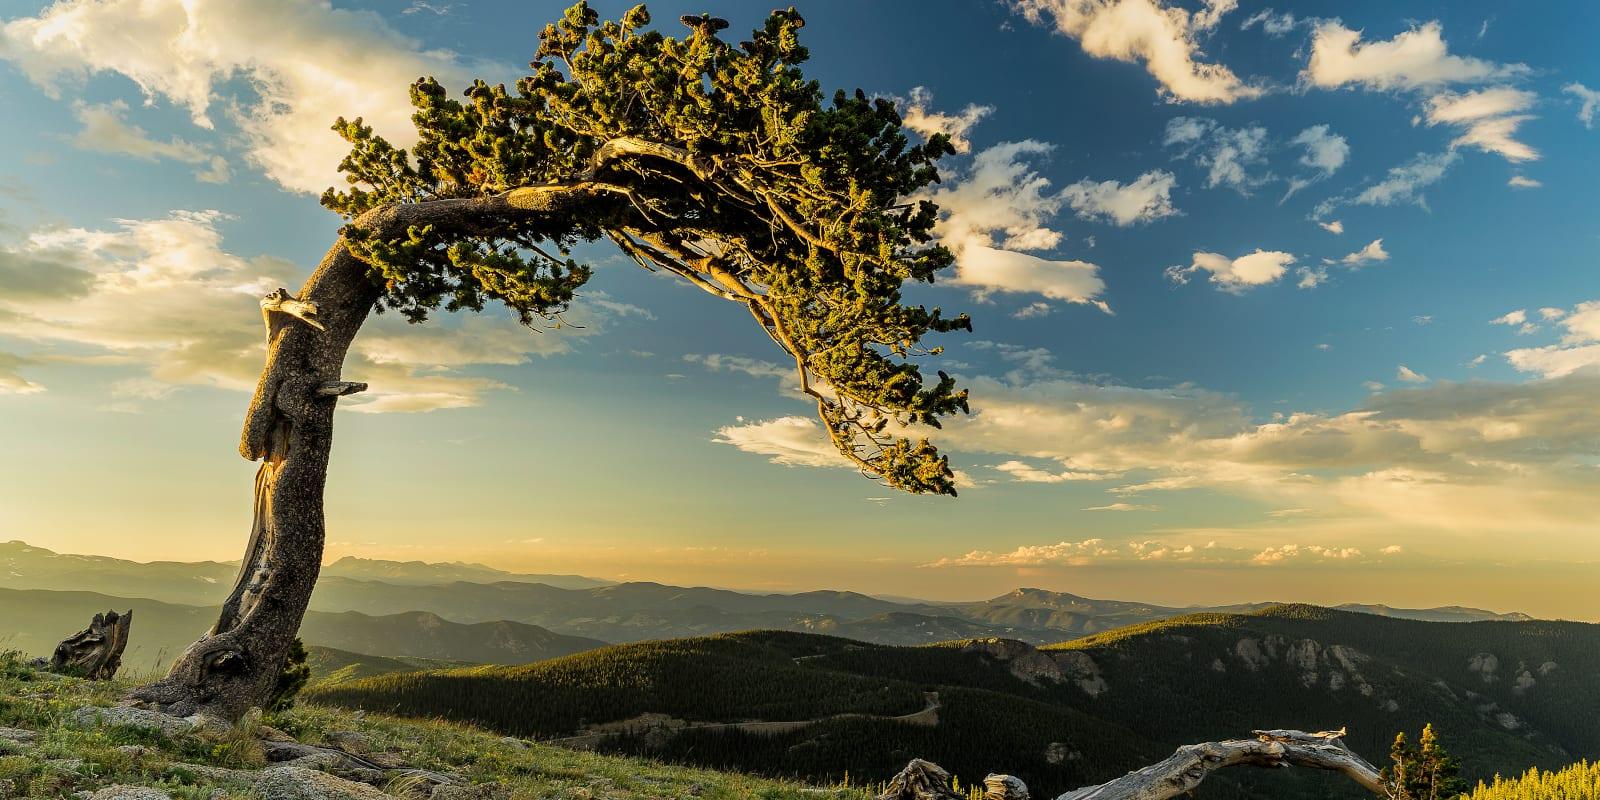 Bristlecone Pine Mt. Evans, Colorado